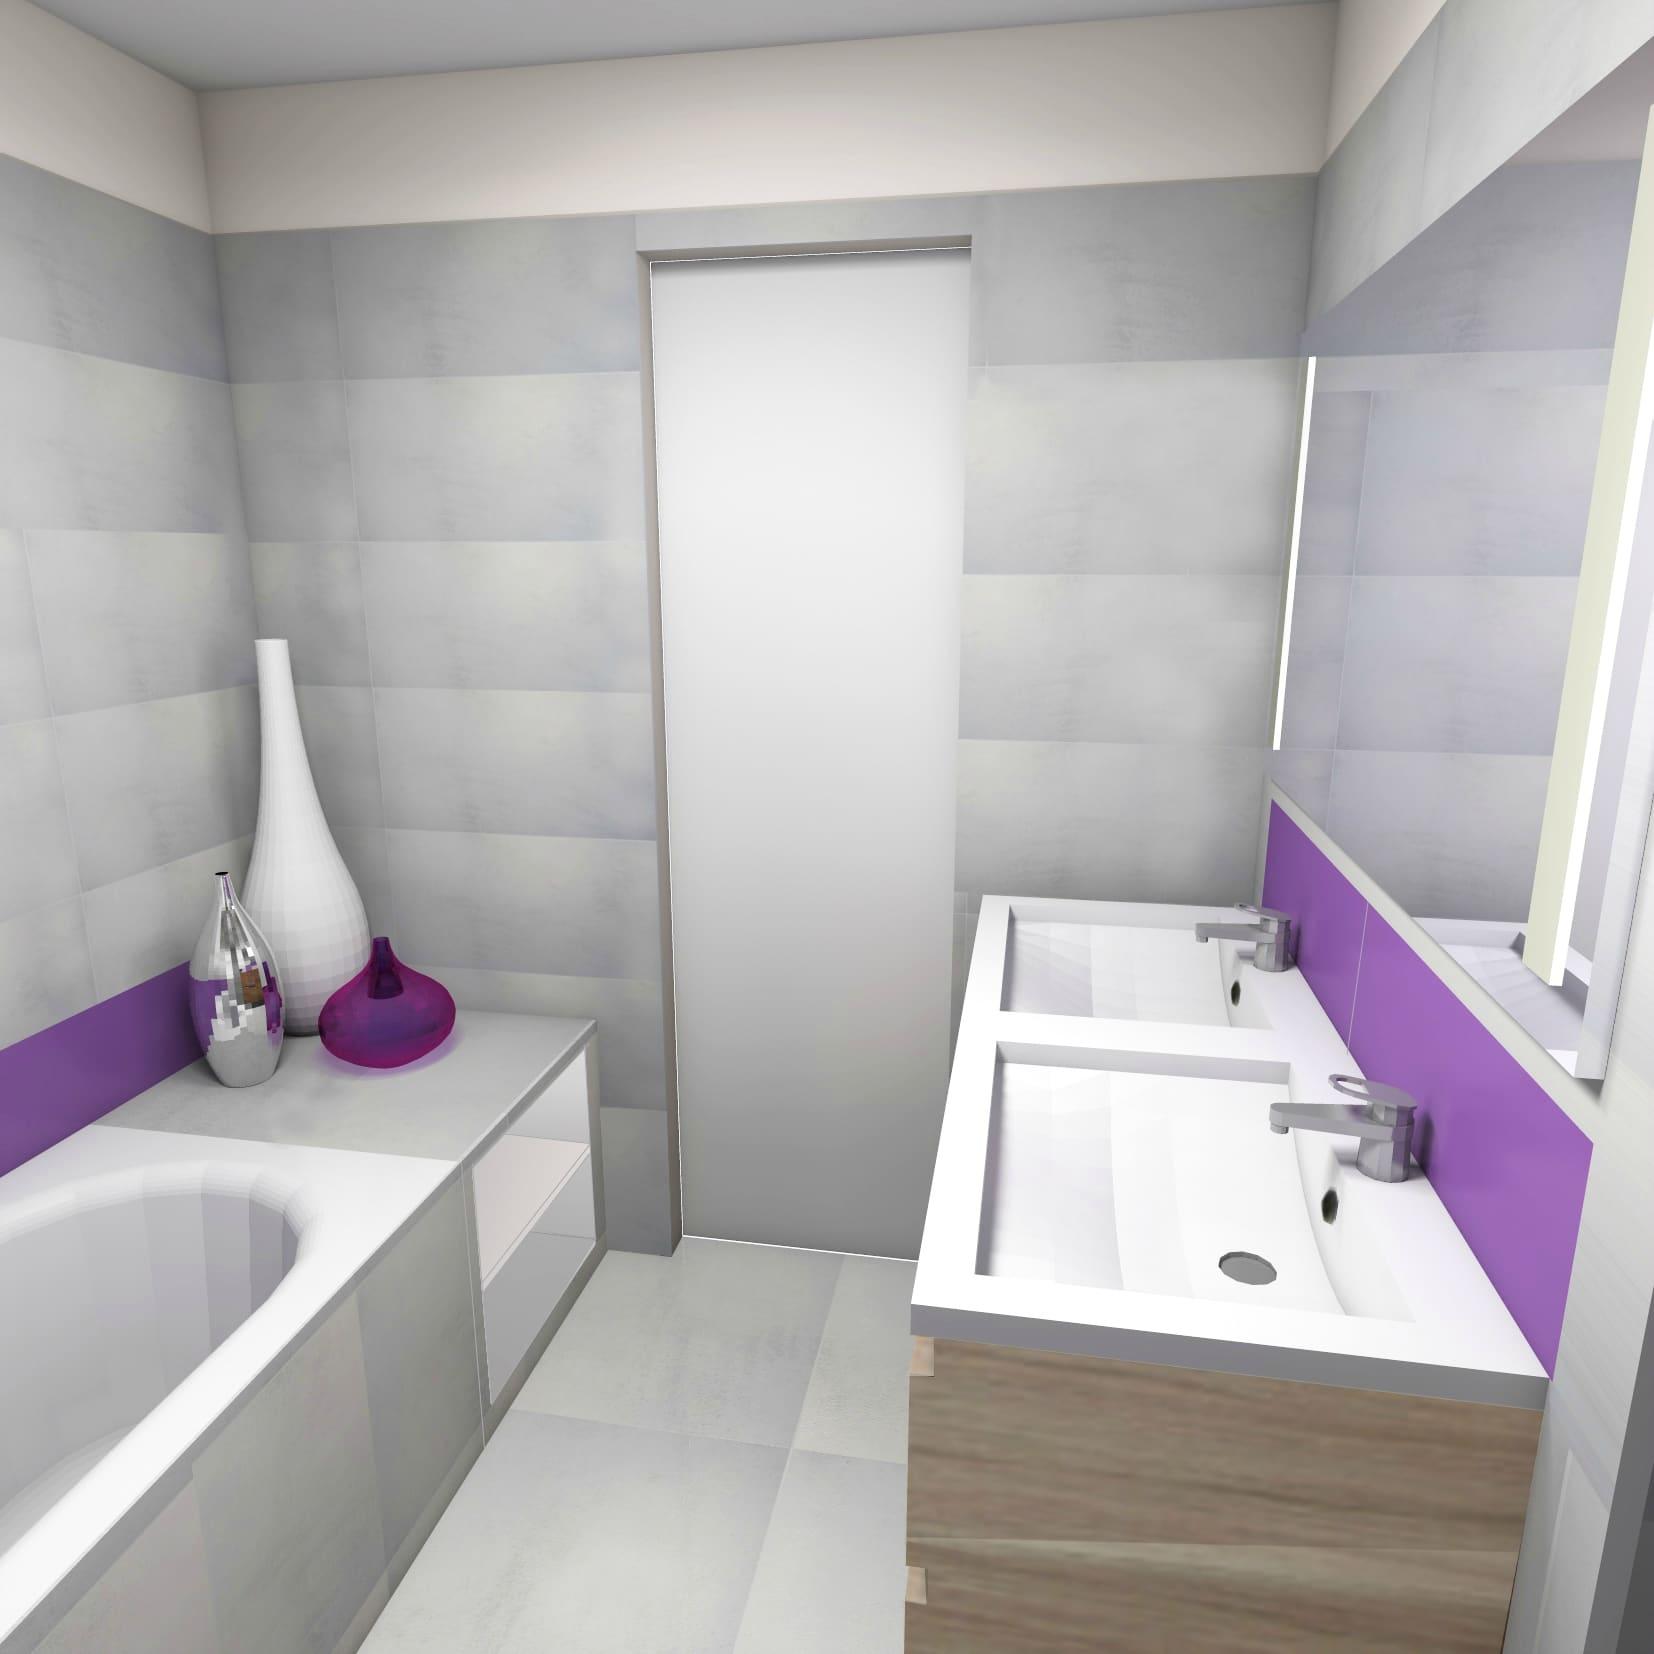 Realisation salle de bain 3d for Plan salle de bain 3d